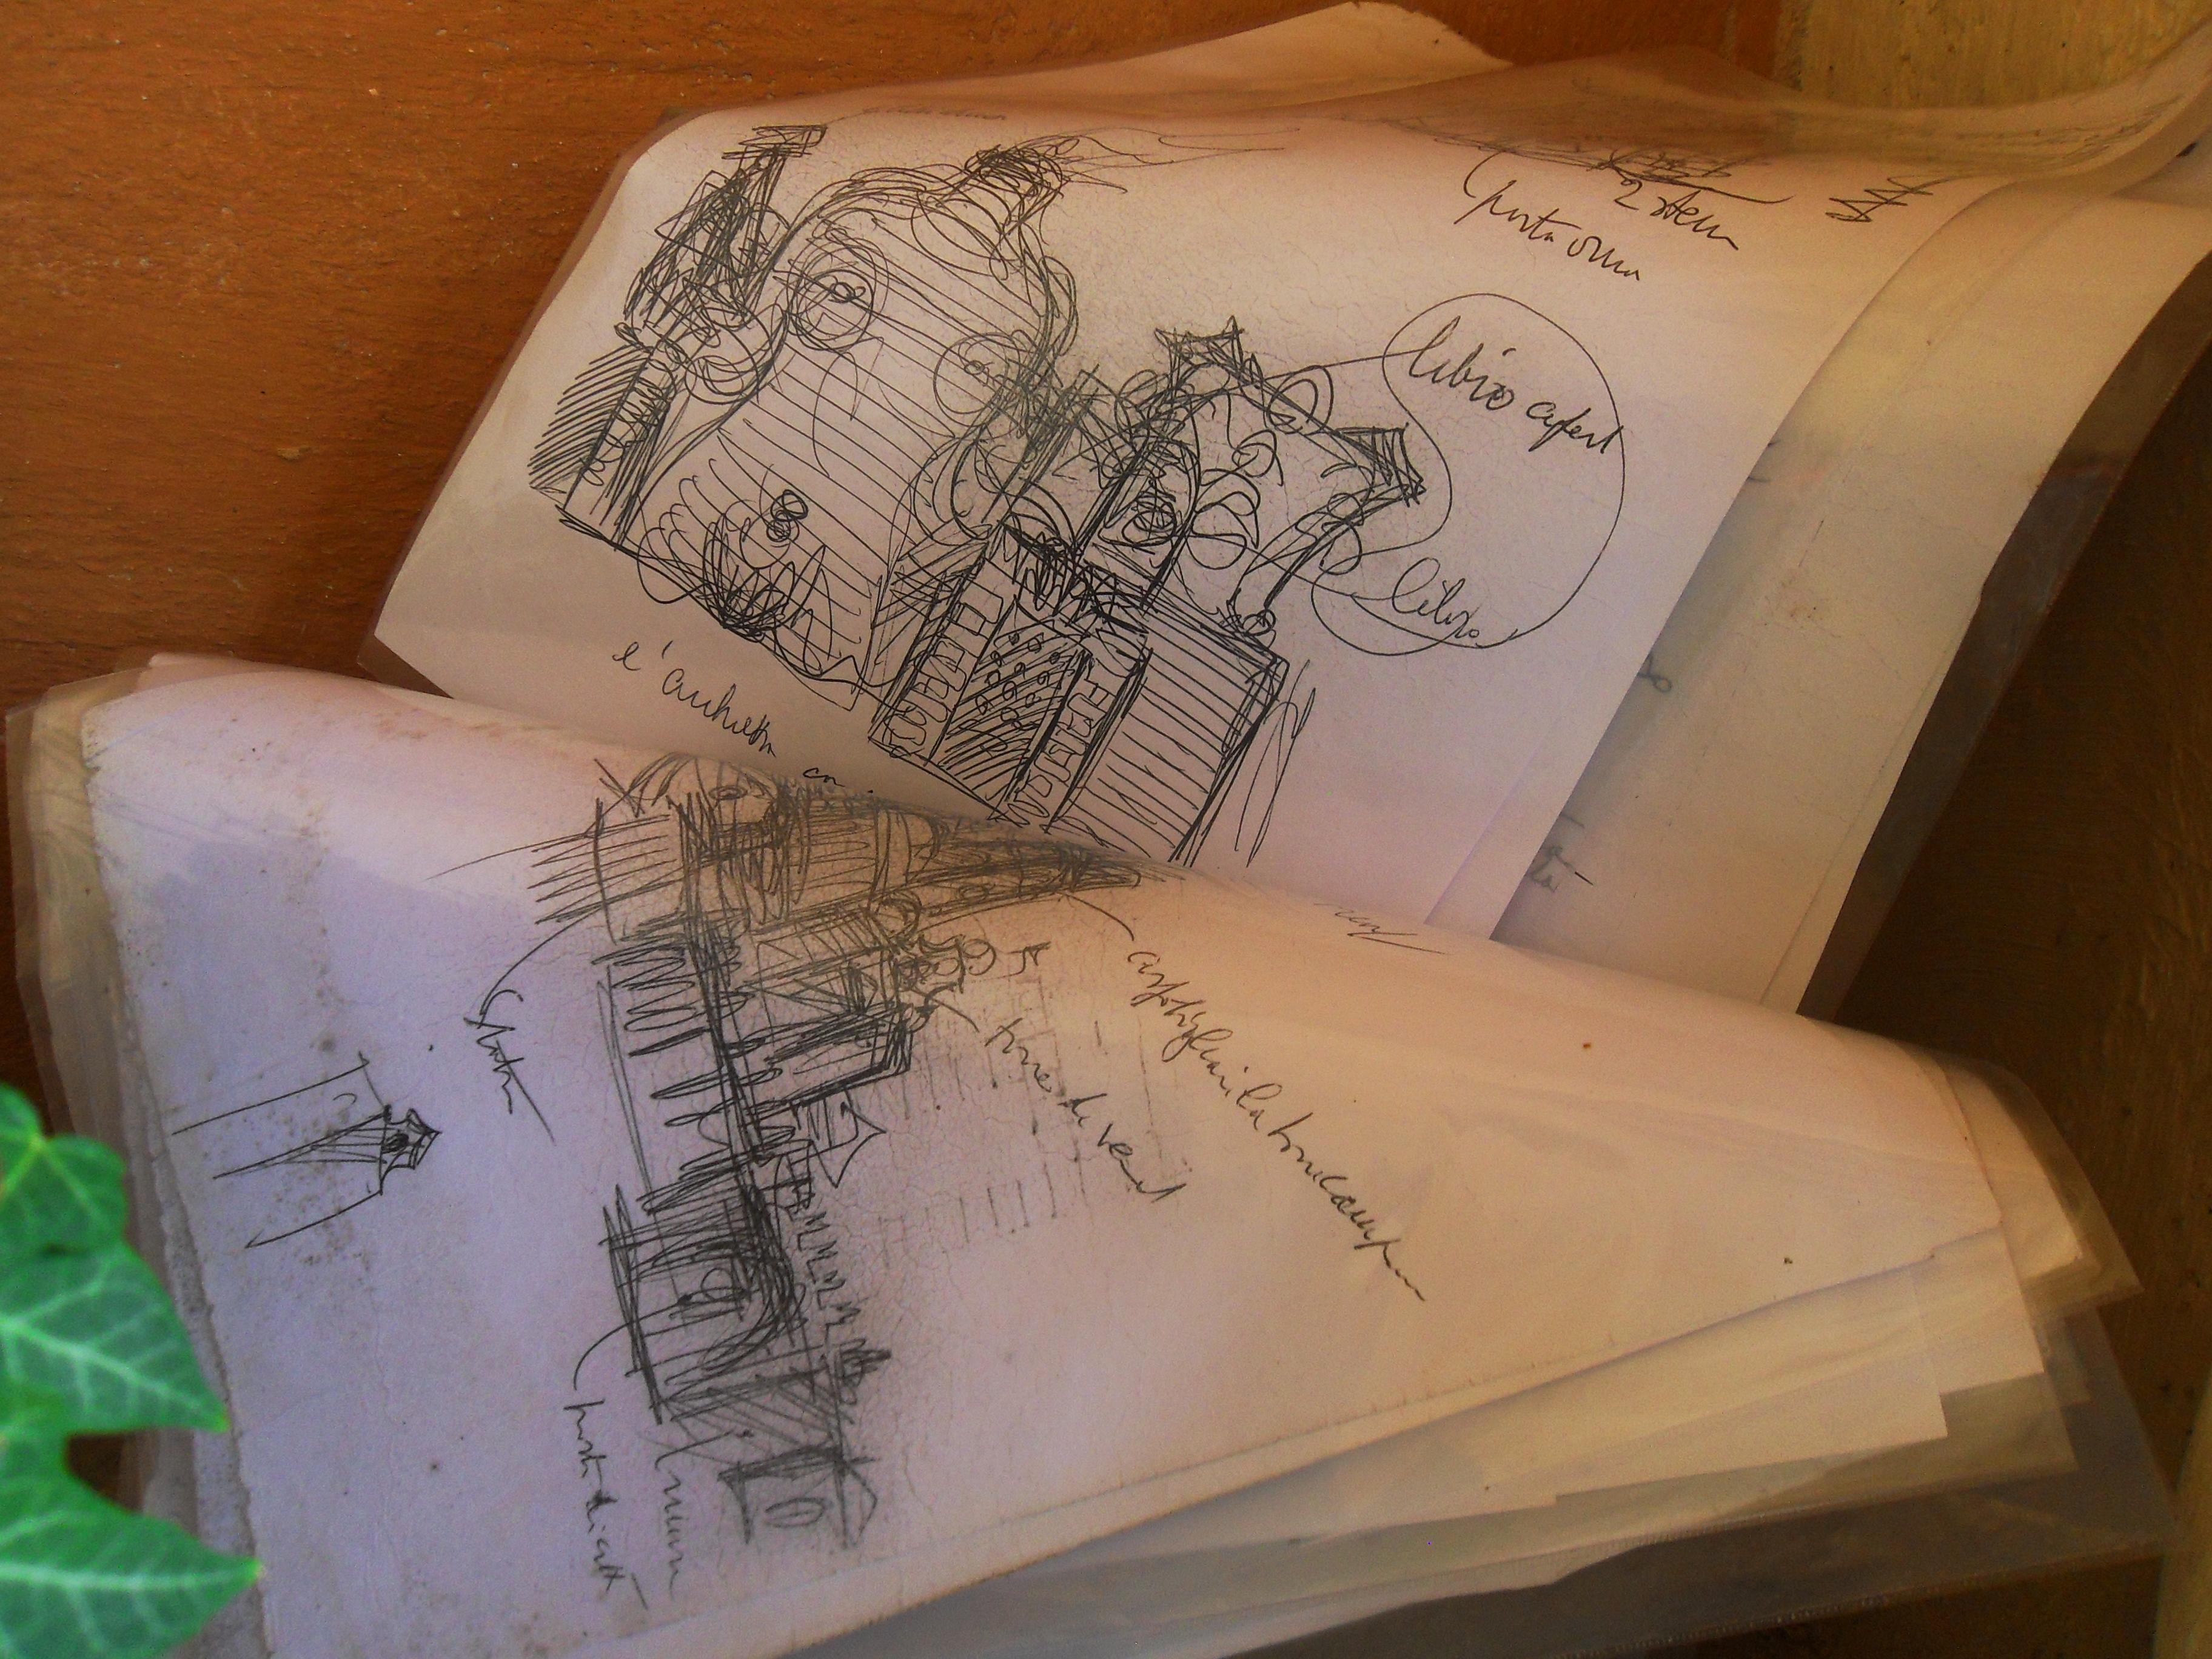 Gli appunti di Tomaso Buzzi, che Marco Solari porta con sé quando guida i turisti alla Scarzuola